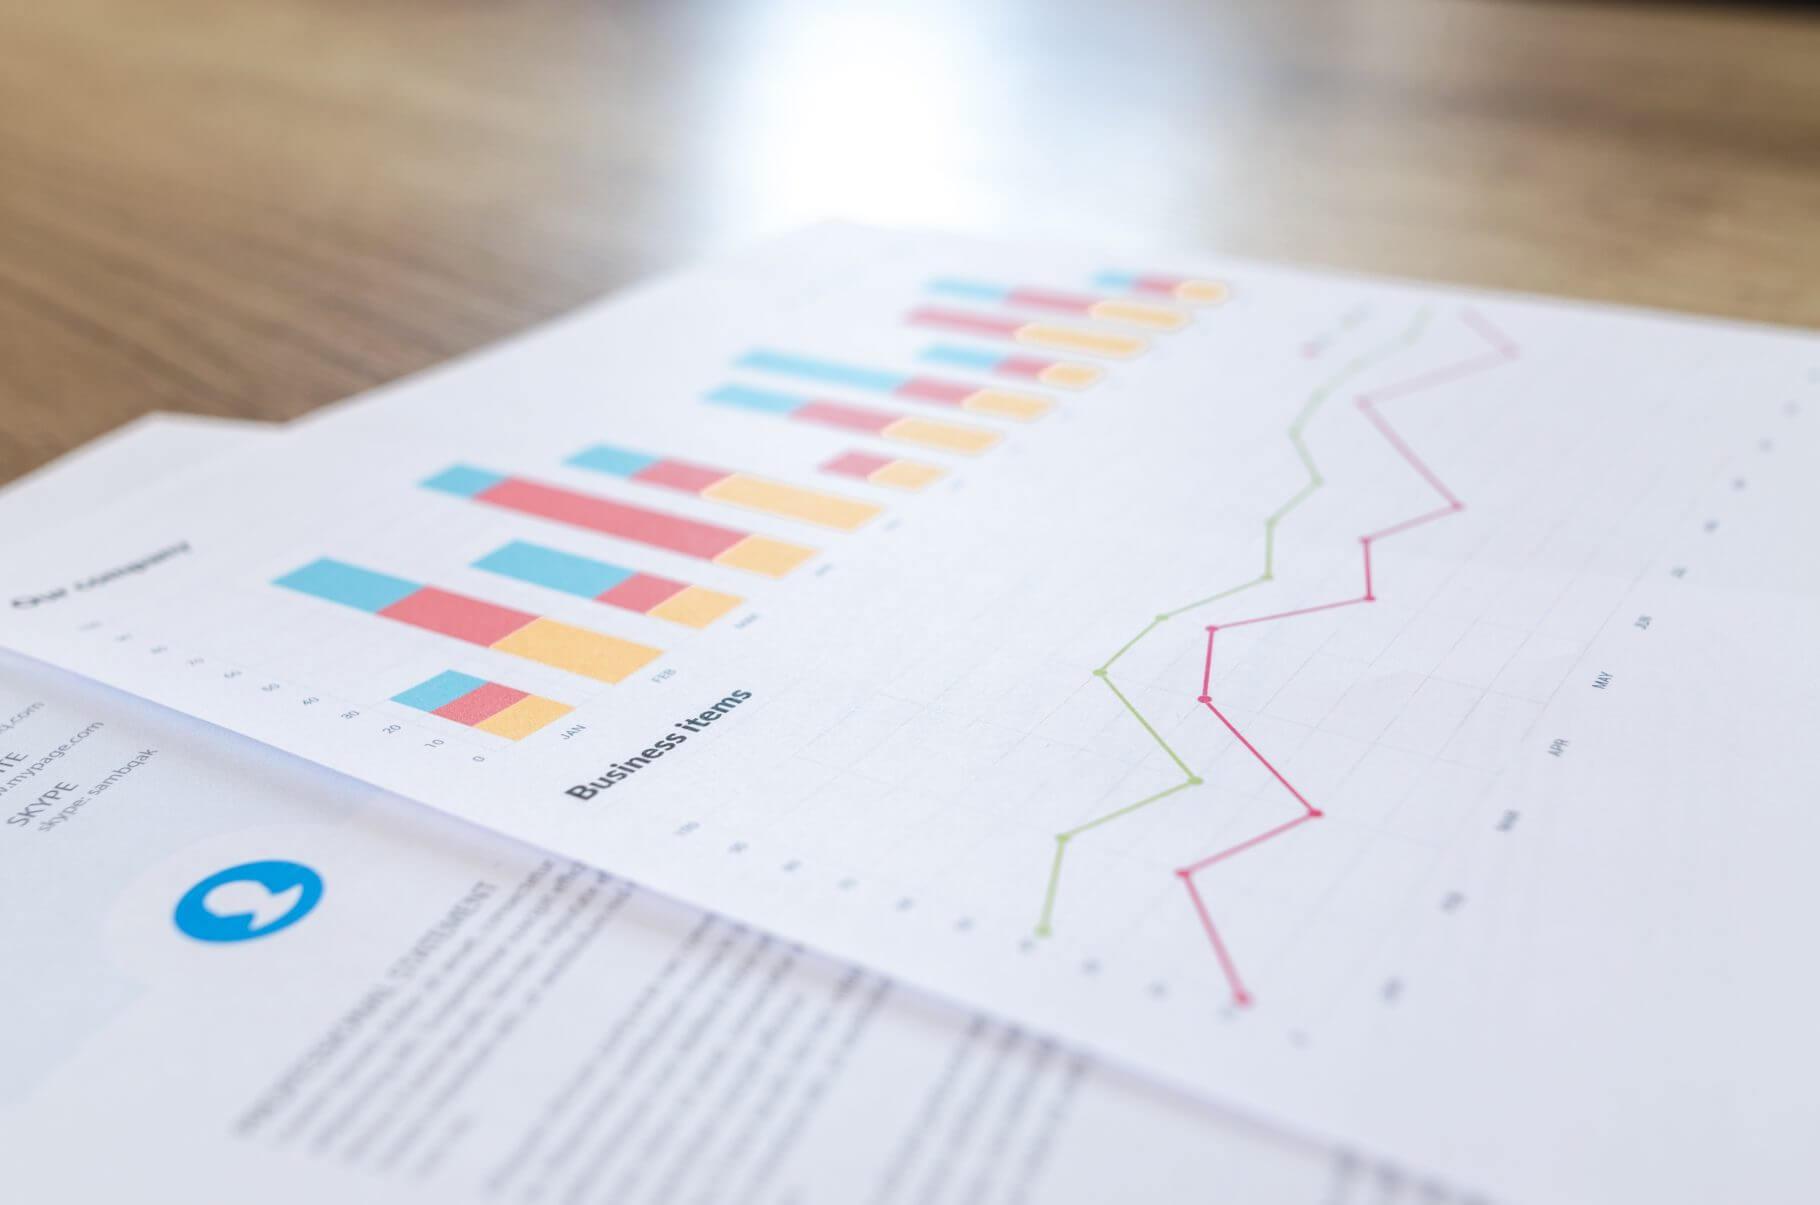 Skolfrånvaro, statistik och analys i våra skolor och kommuner